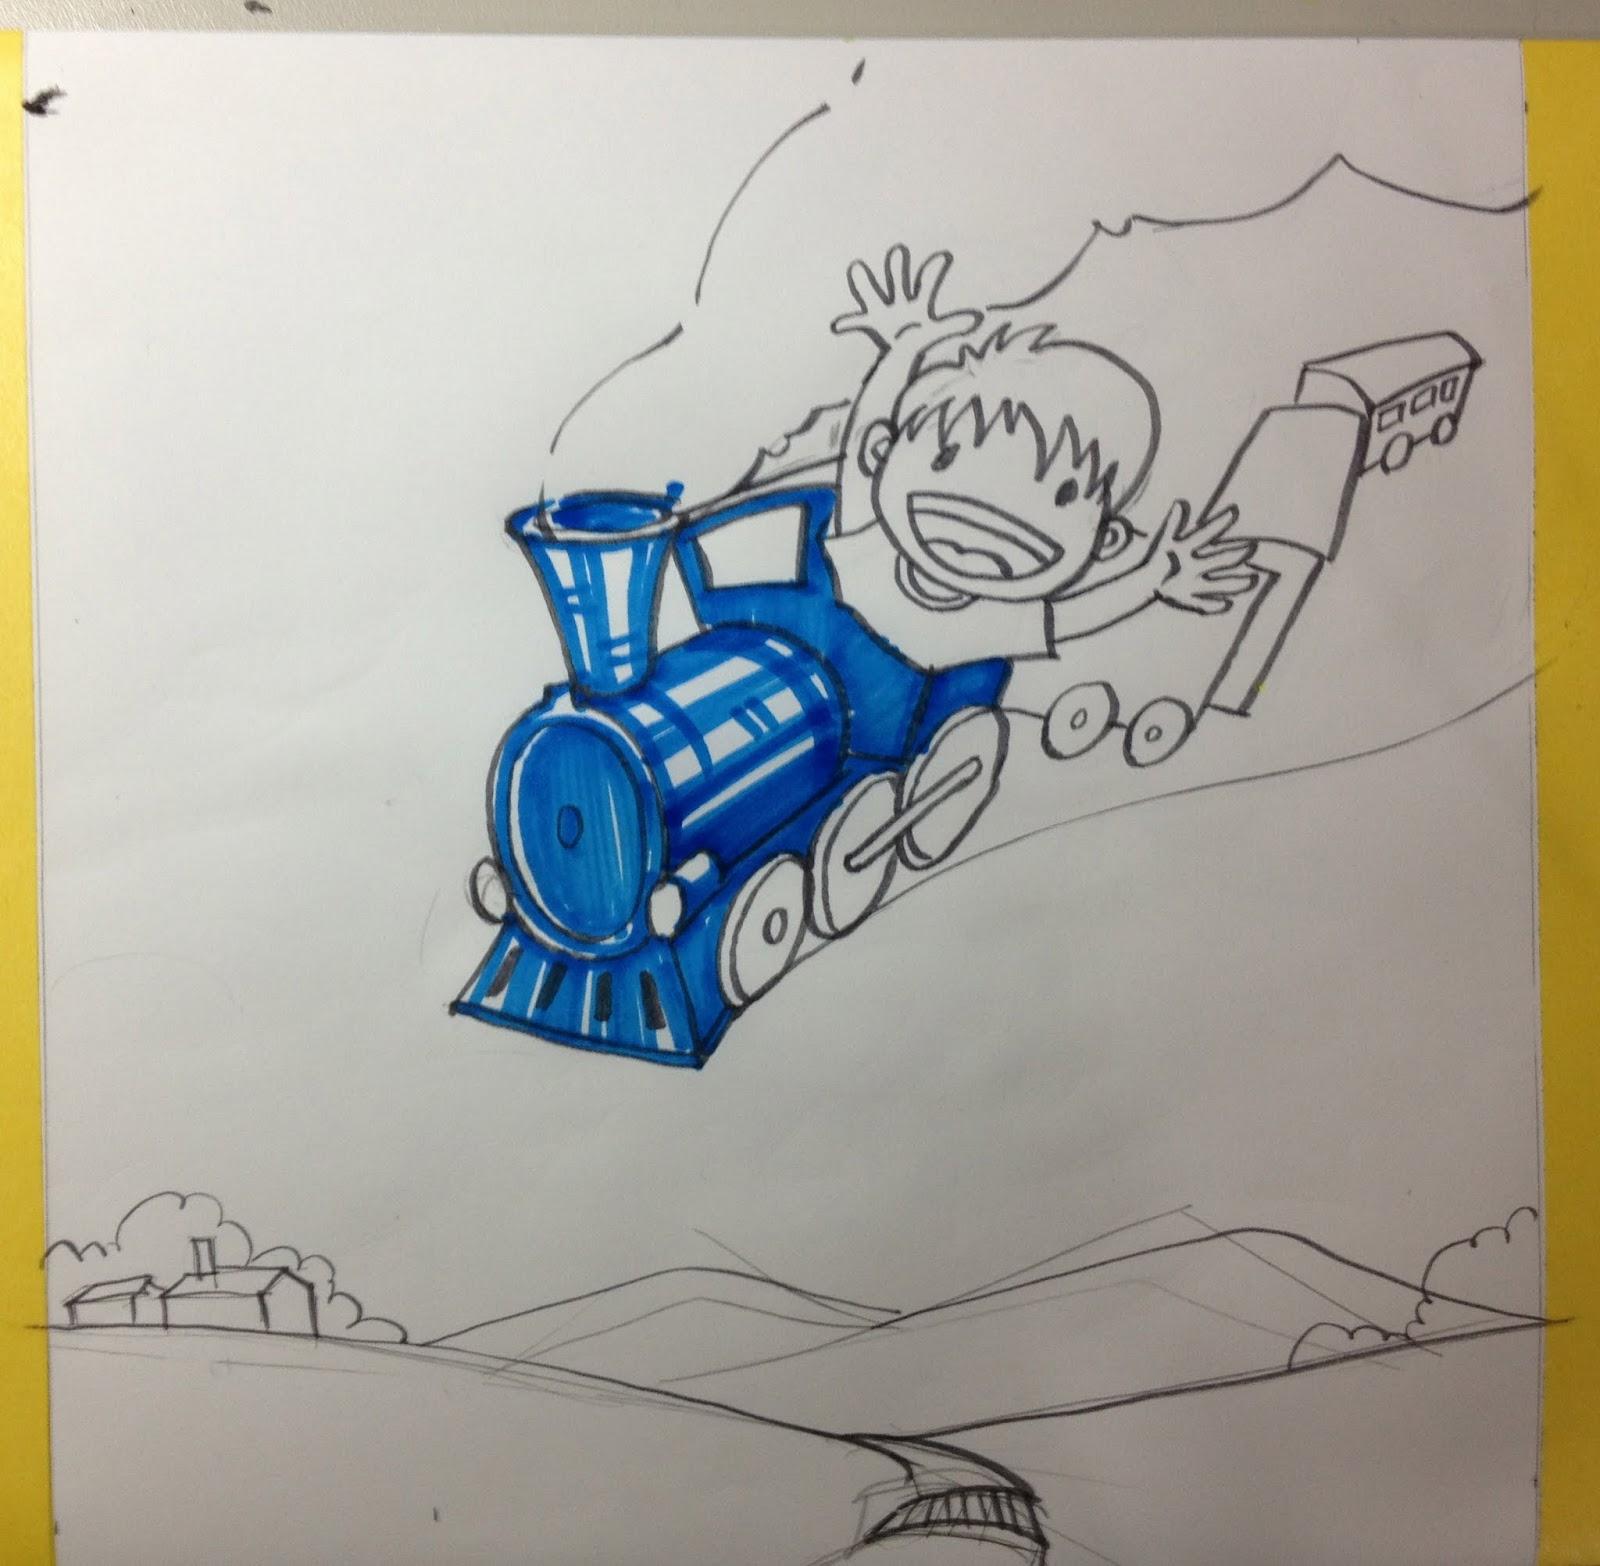 虛線的教學: 虛線老師示範:97學年度專二示範-火車快飛」視覺意象之平面設計